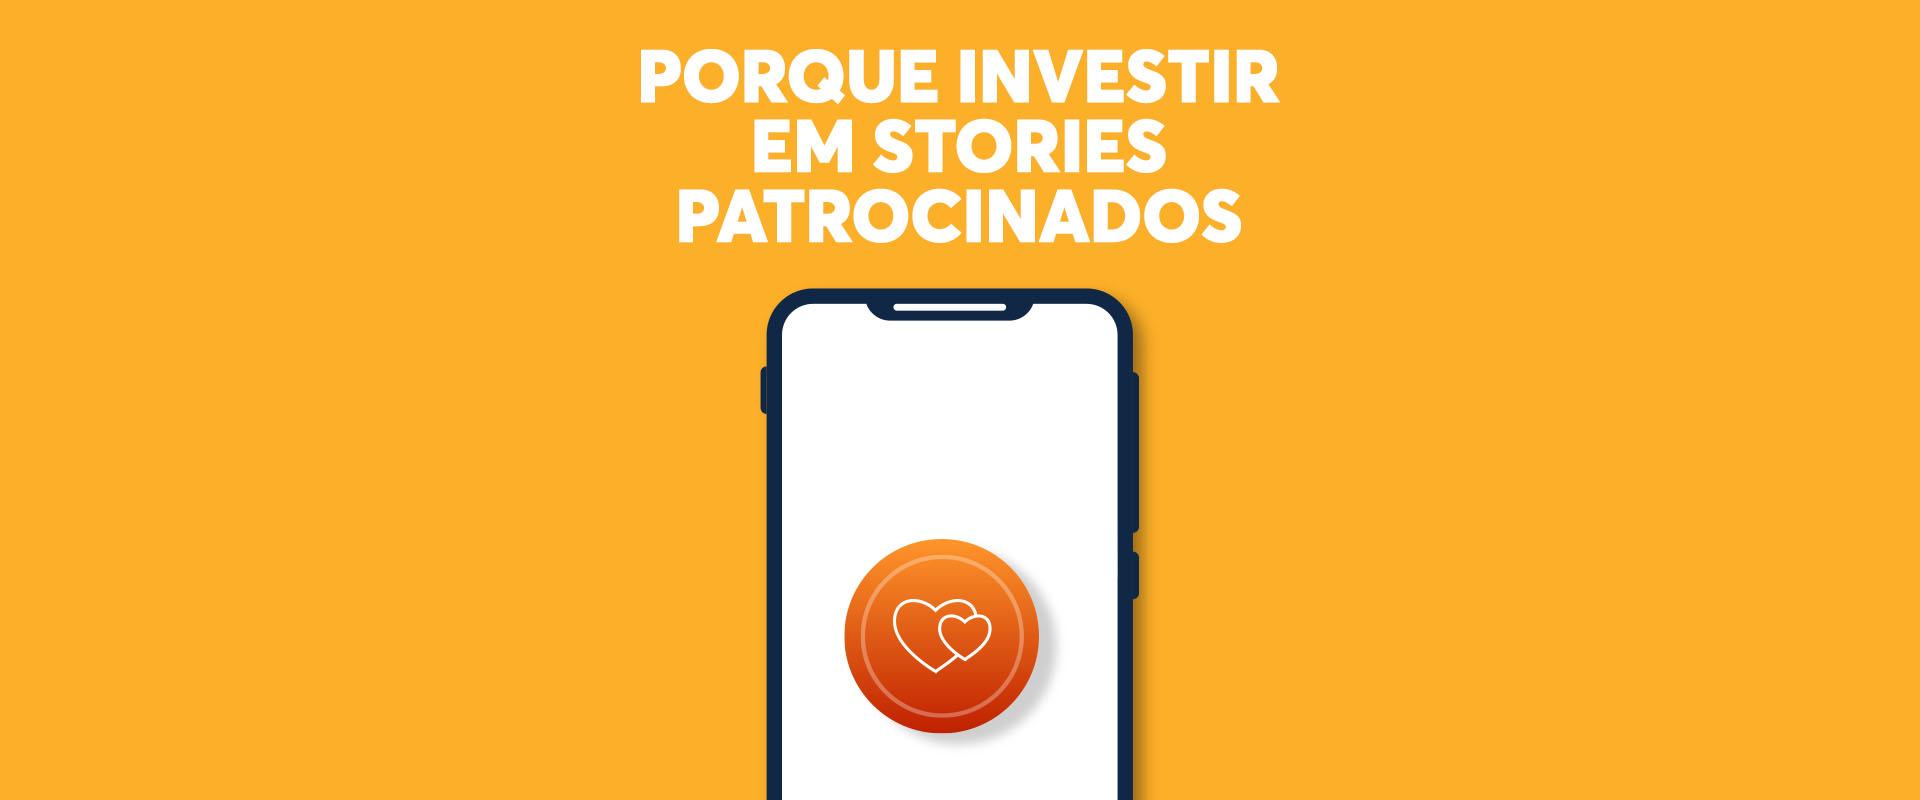 Porque Investir em Stories Patrocinados